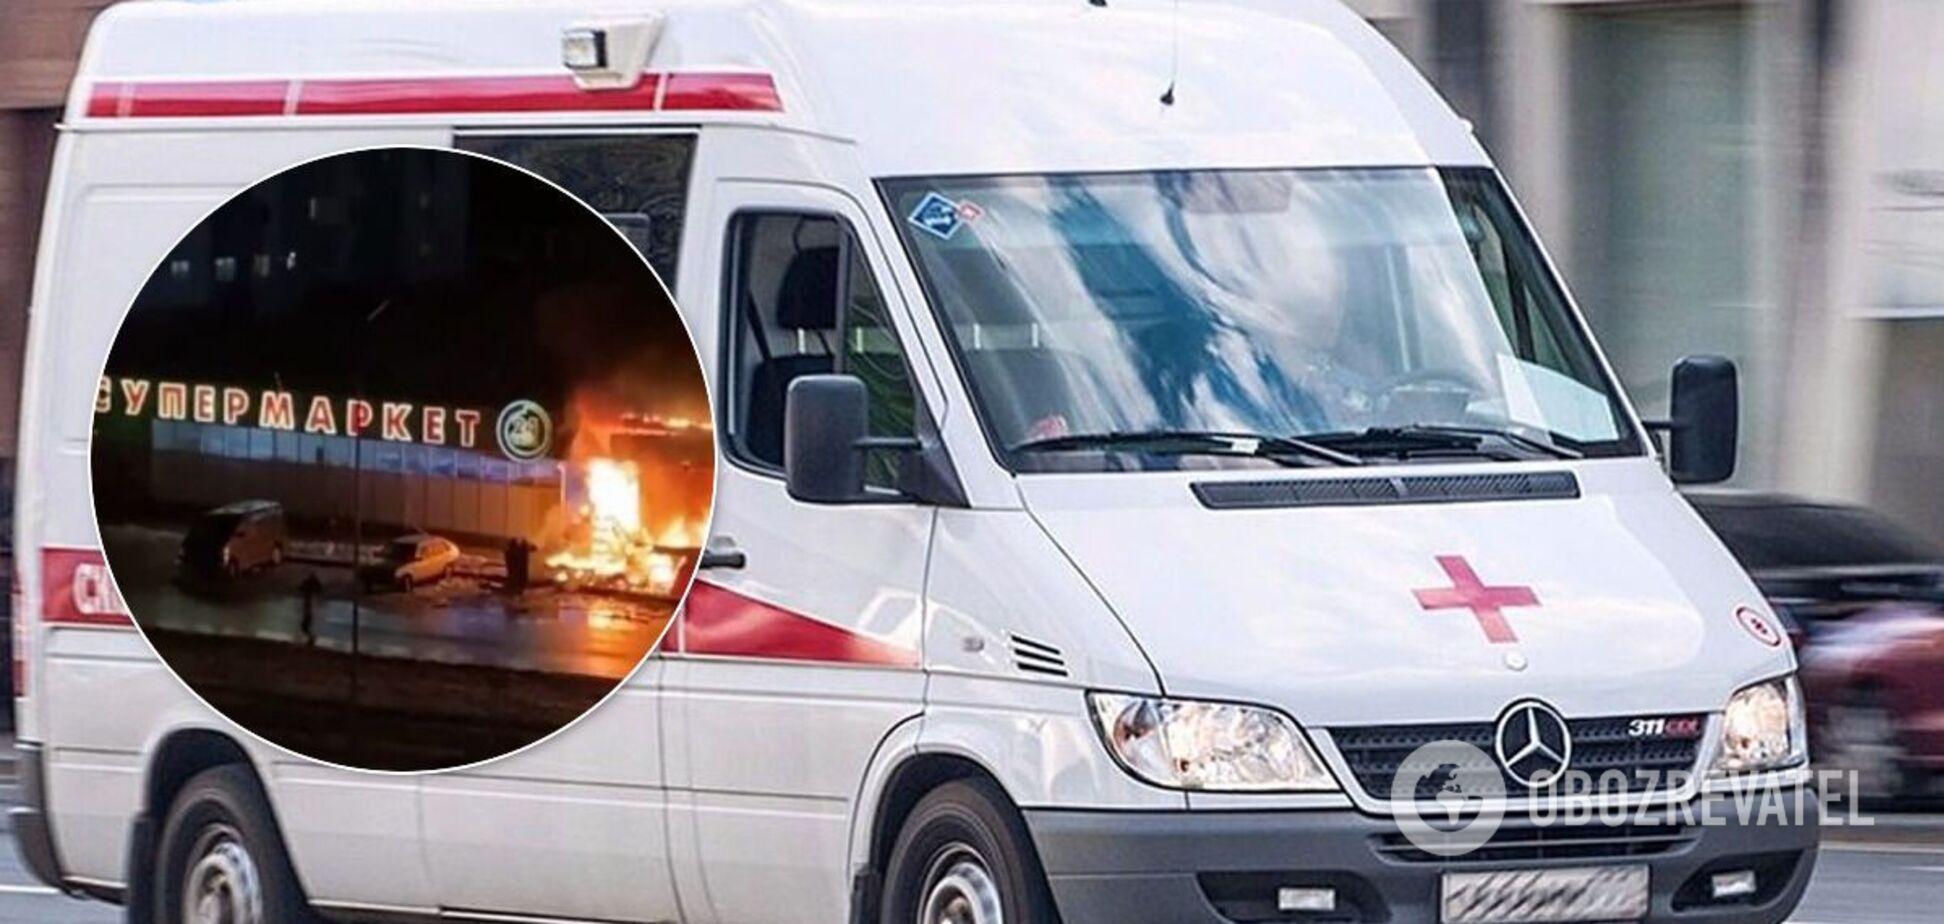 В Краснодаре после взрыва загорелся супермаркет, есть погибший. Момент ЧП попал на видео